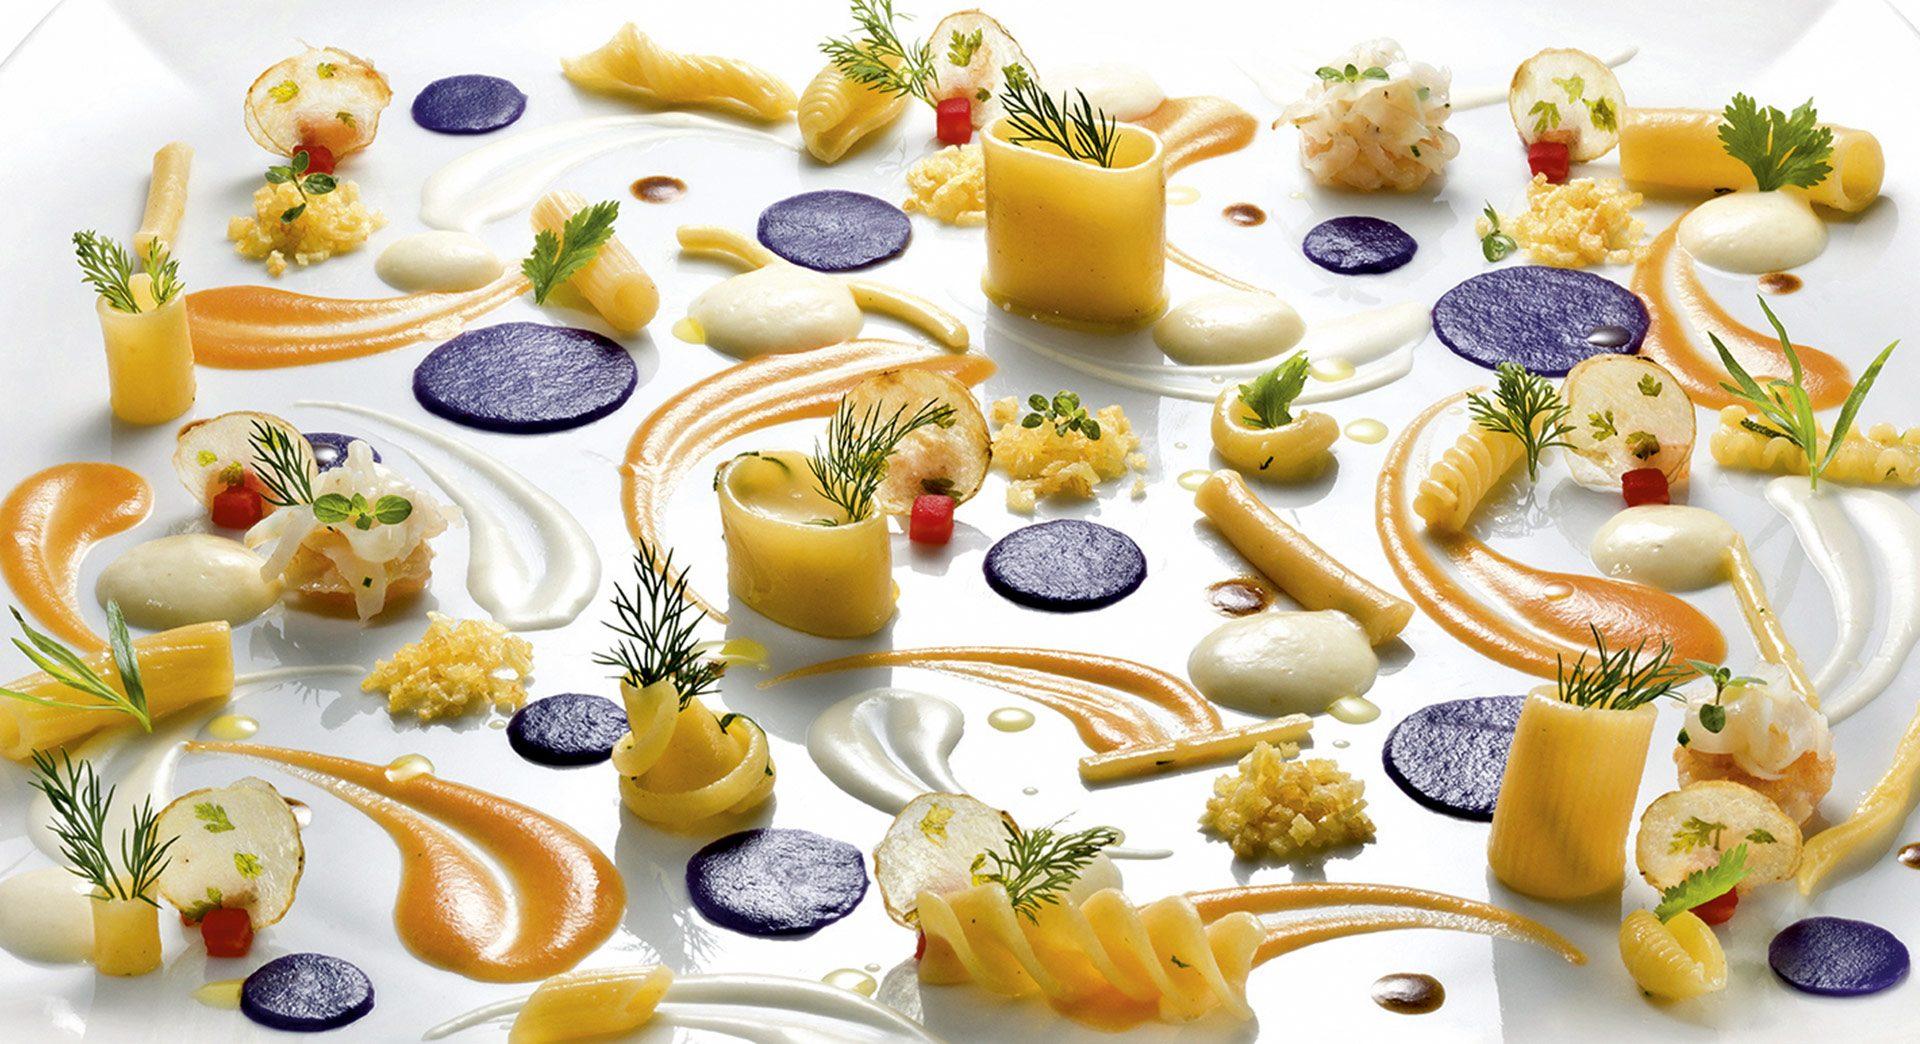 Un ristorante italiano tra i 10 indirizzi imperdibili nel 2021 di Forbes: è Danì Maison